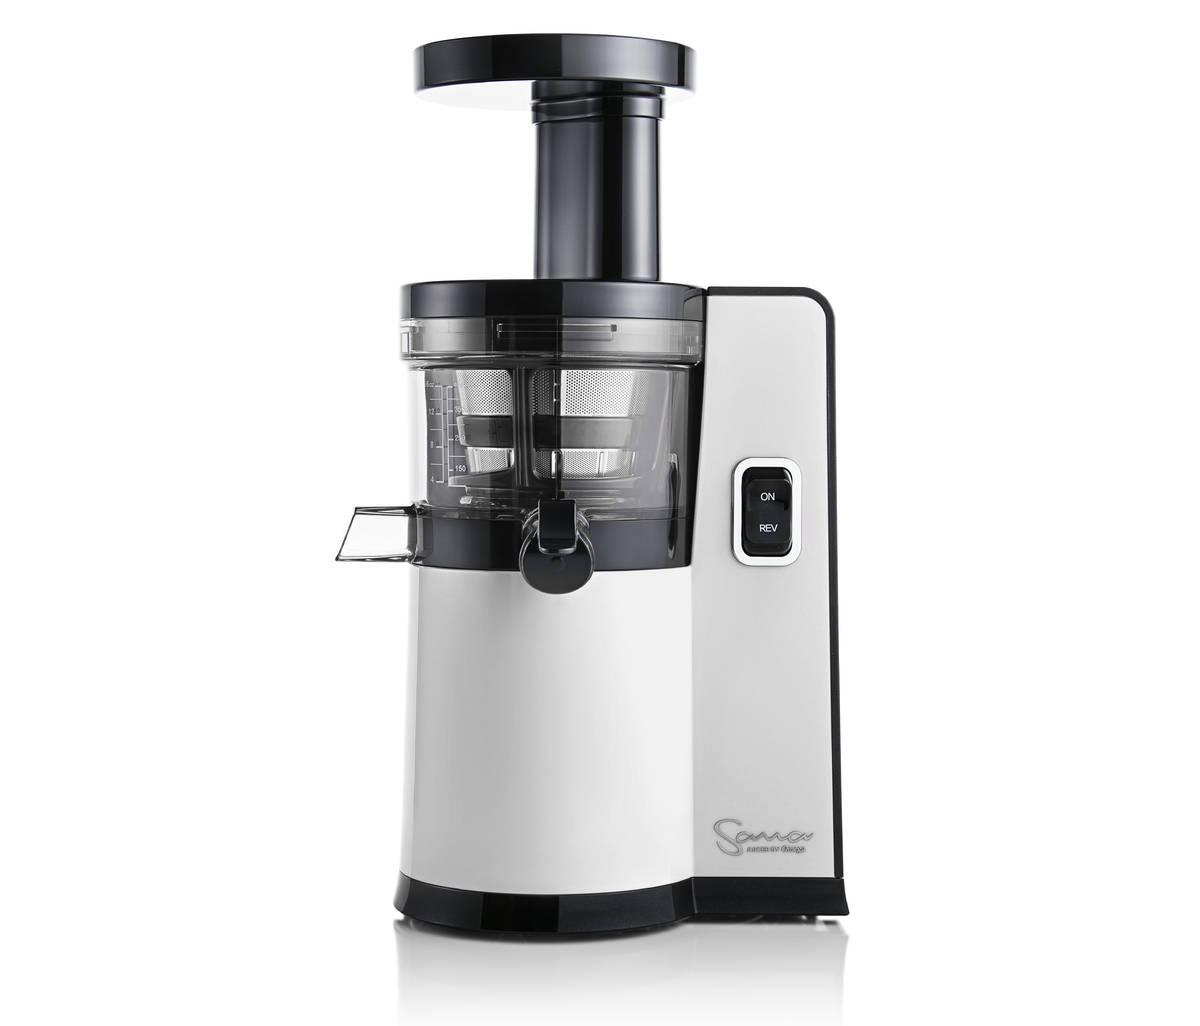 1568_sana-juicer-euj-808-white-isolated